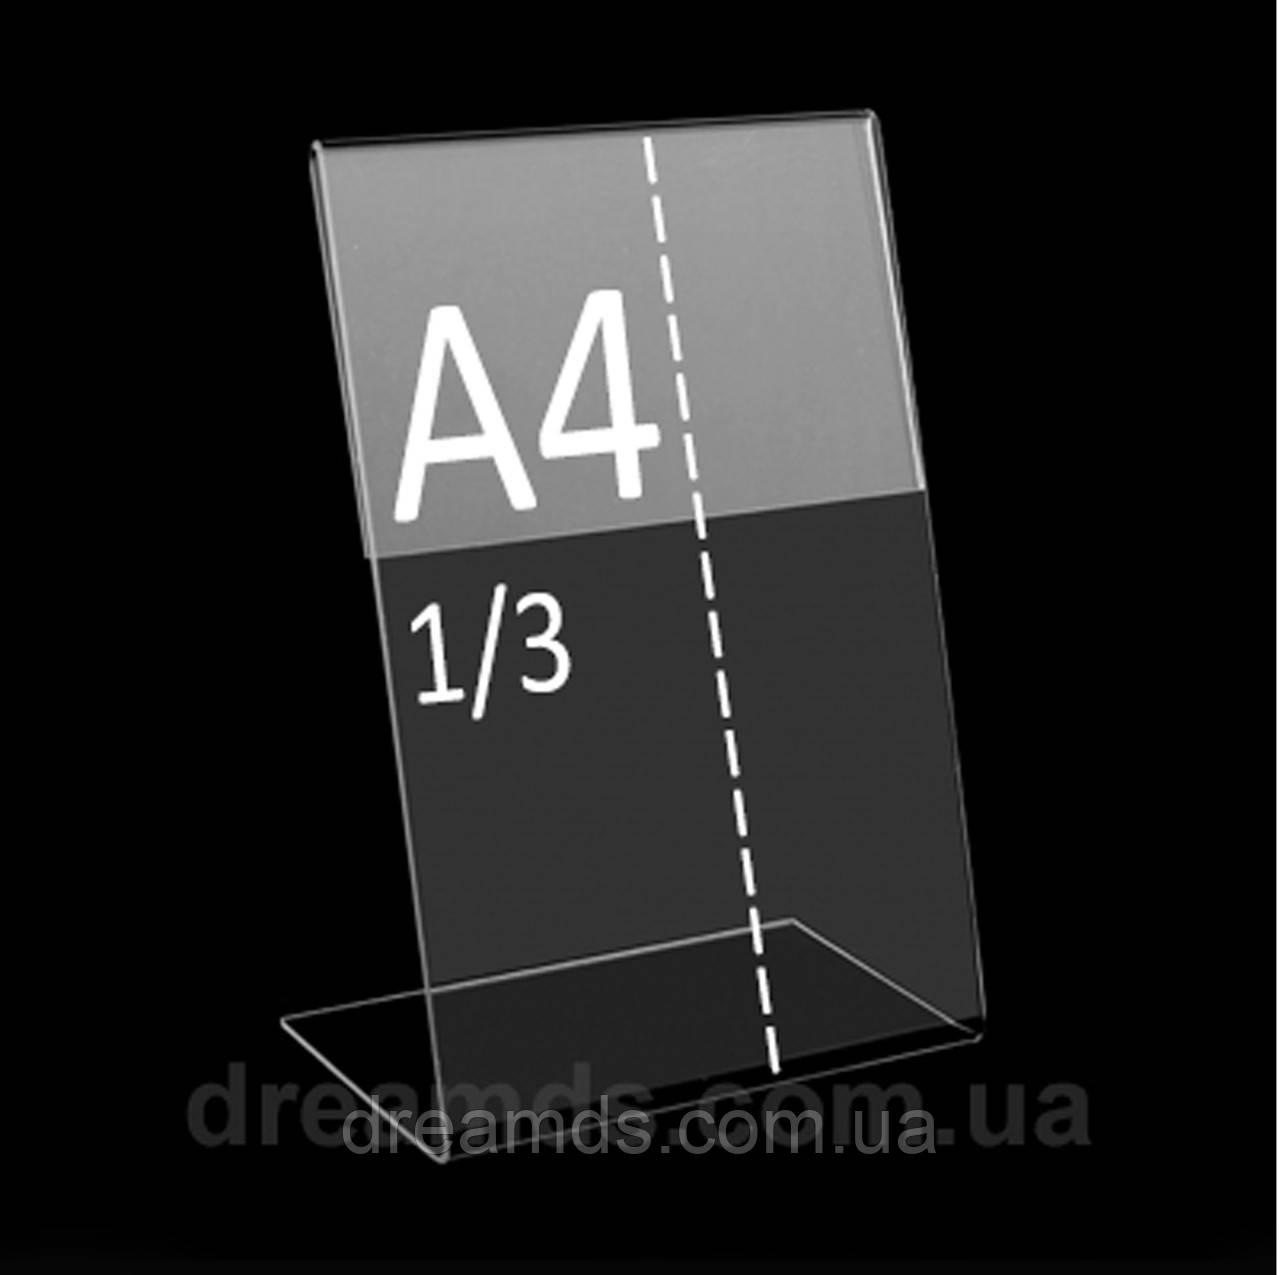 Менюхолдер вертикальный 1/3 A4 (еврофлаер)